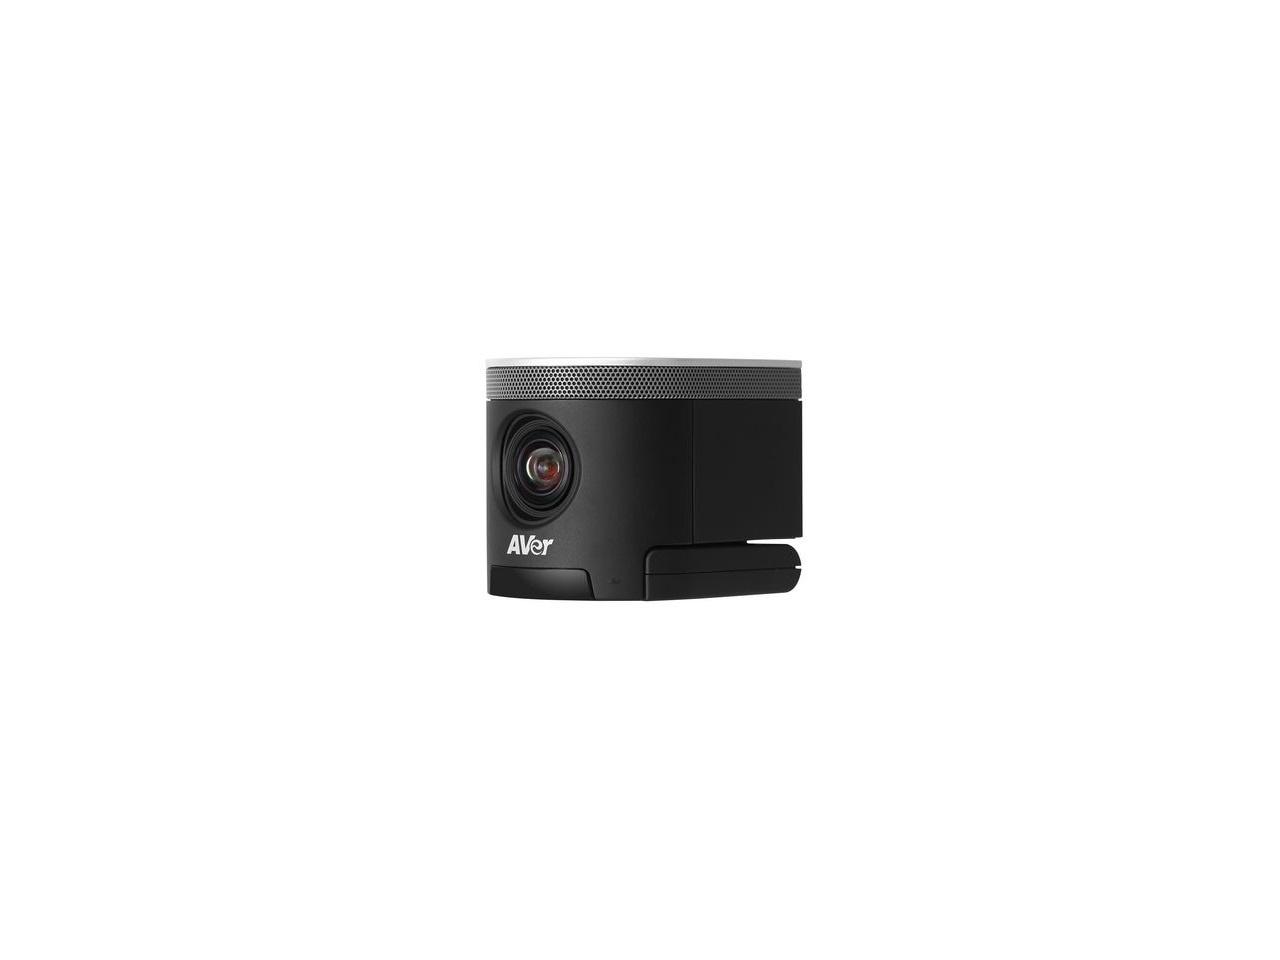 Az aver webkamera lehetővé teszi, hogy bárhol meetingelj.